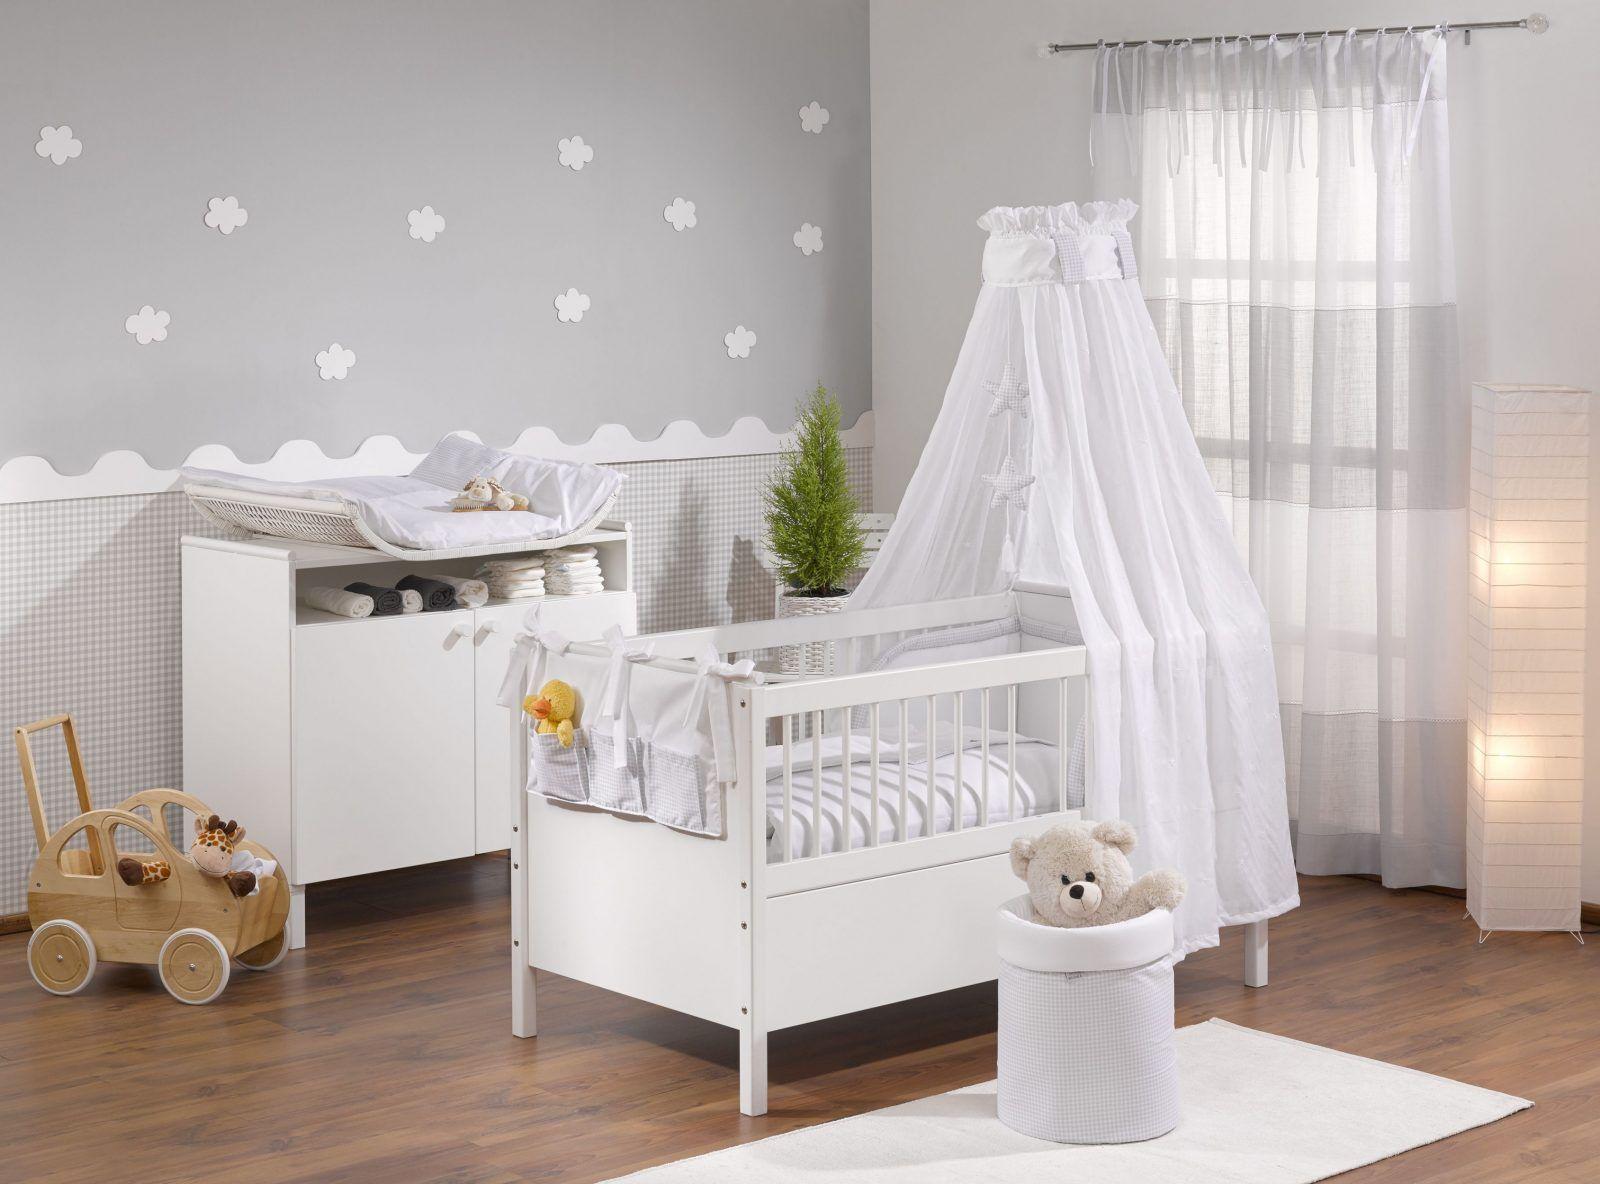 Babyzimmer Grau In Babyzimmer Wandgestaltung Kinder von